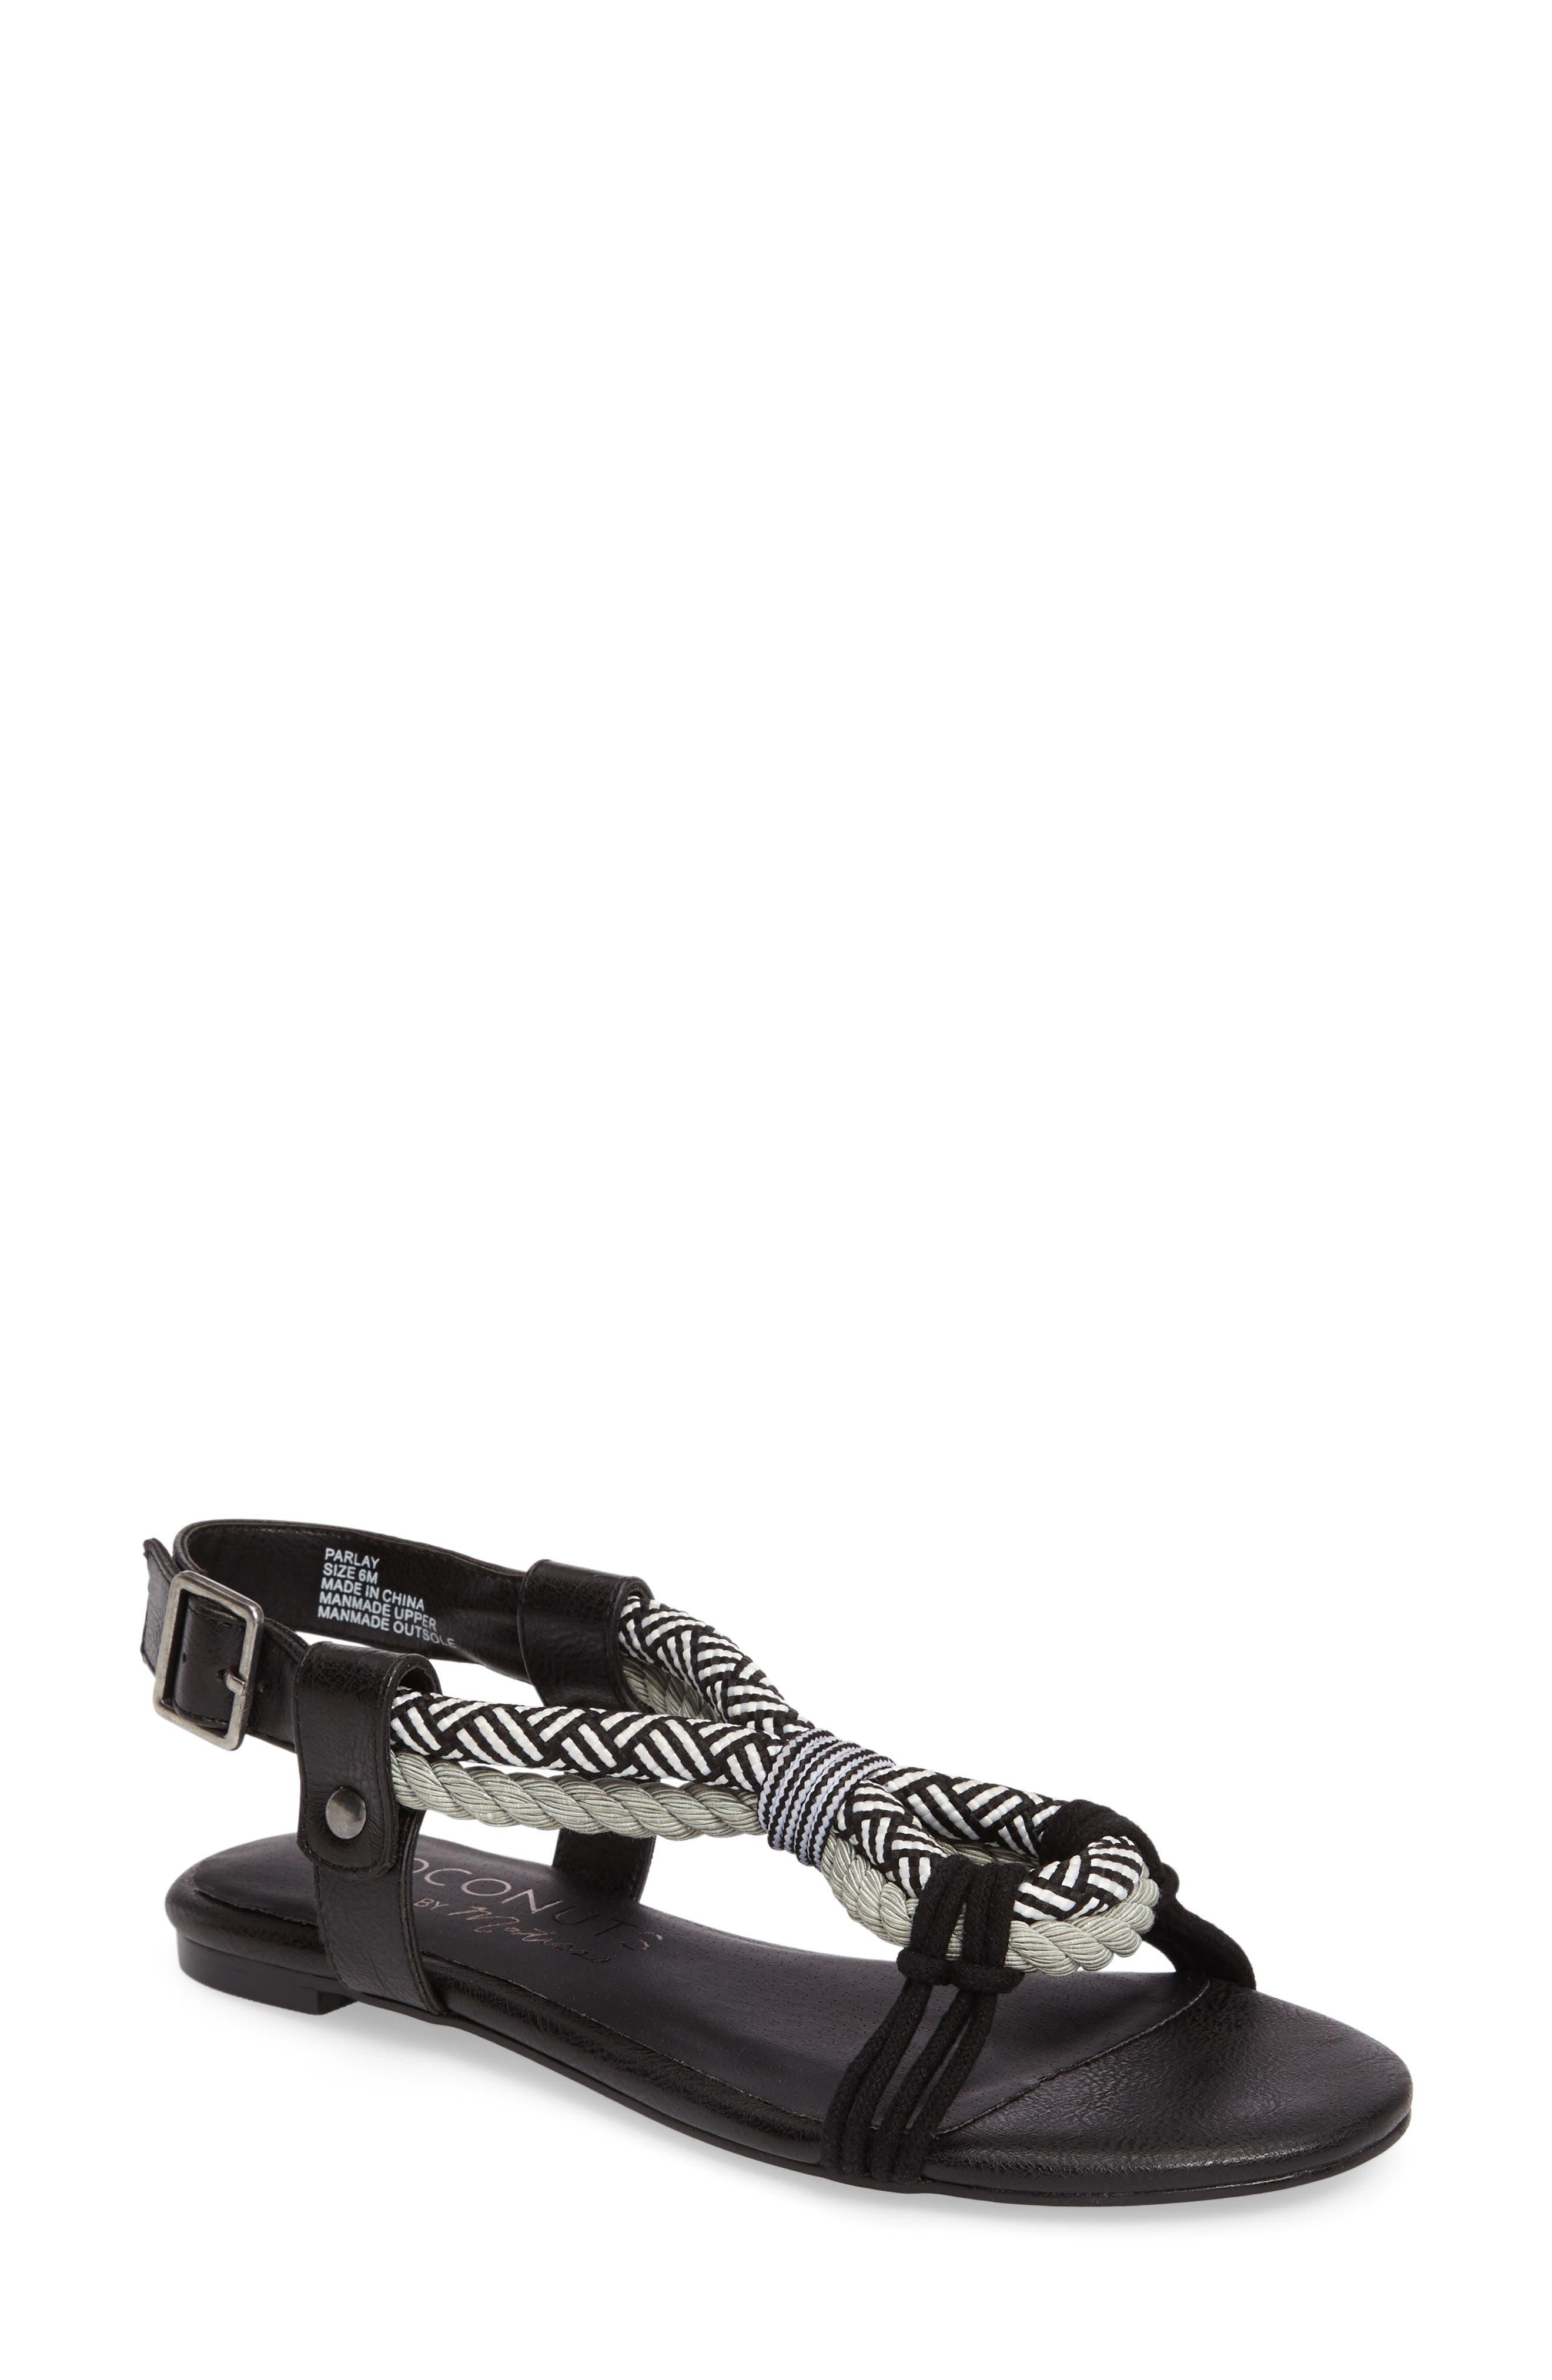 Matisse Parlay Sandal,                         Main,                         color, 002